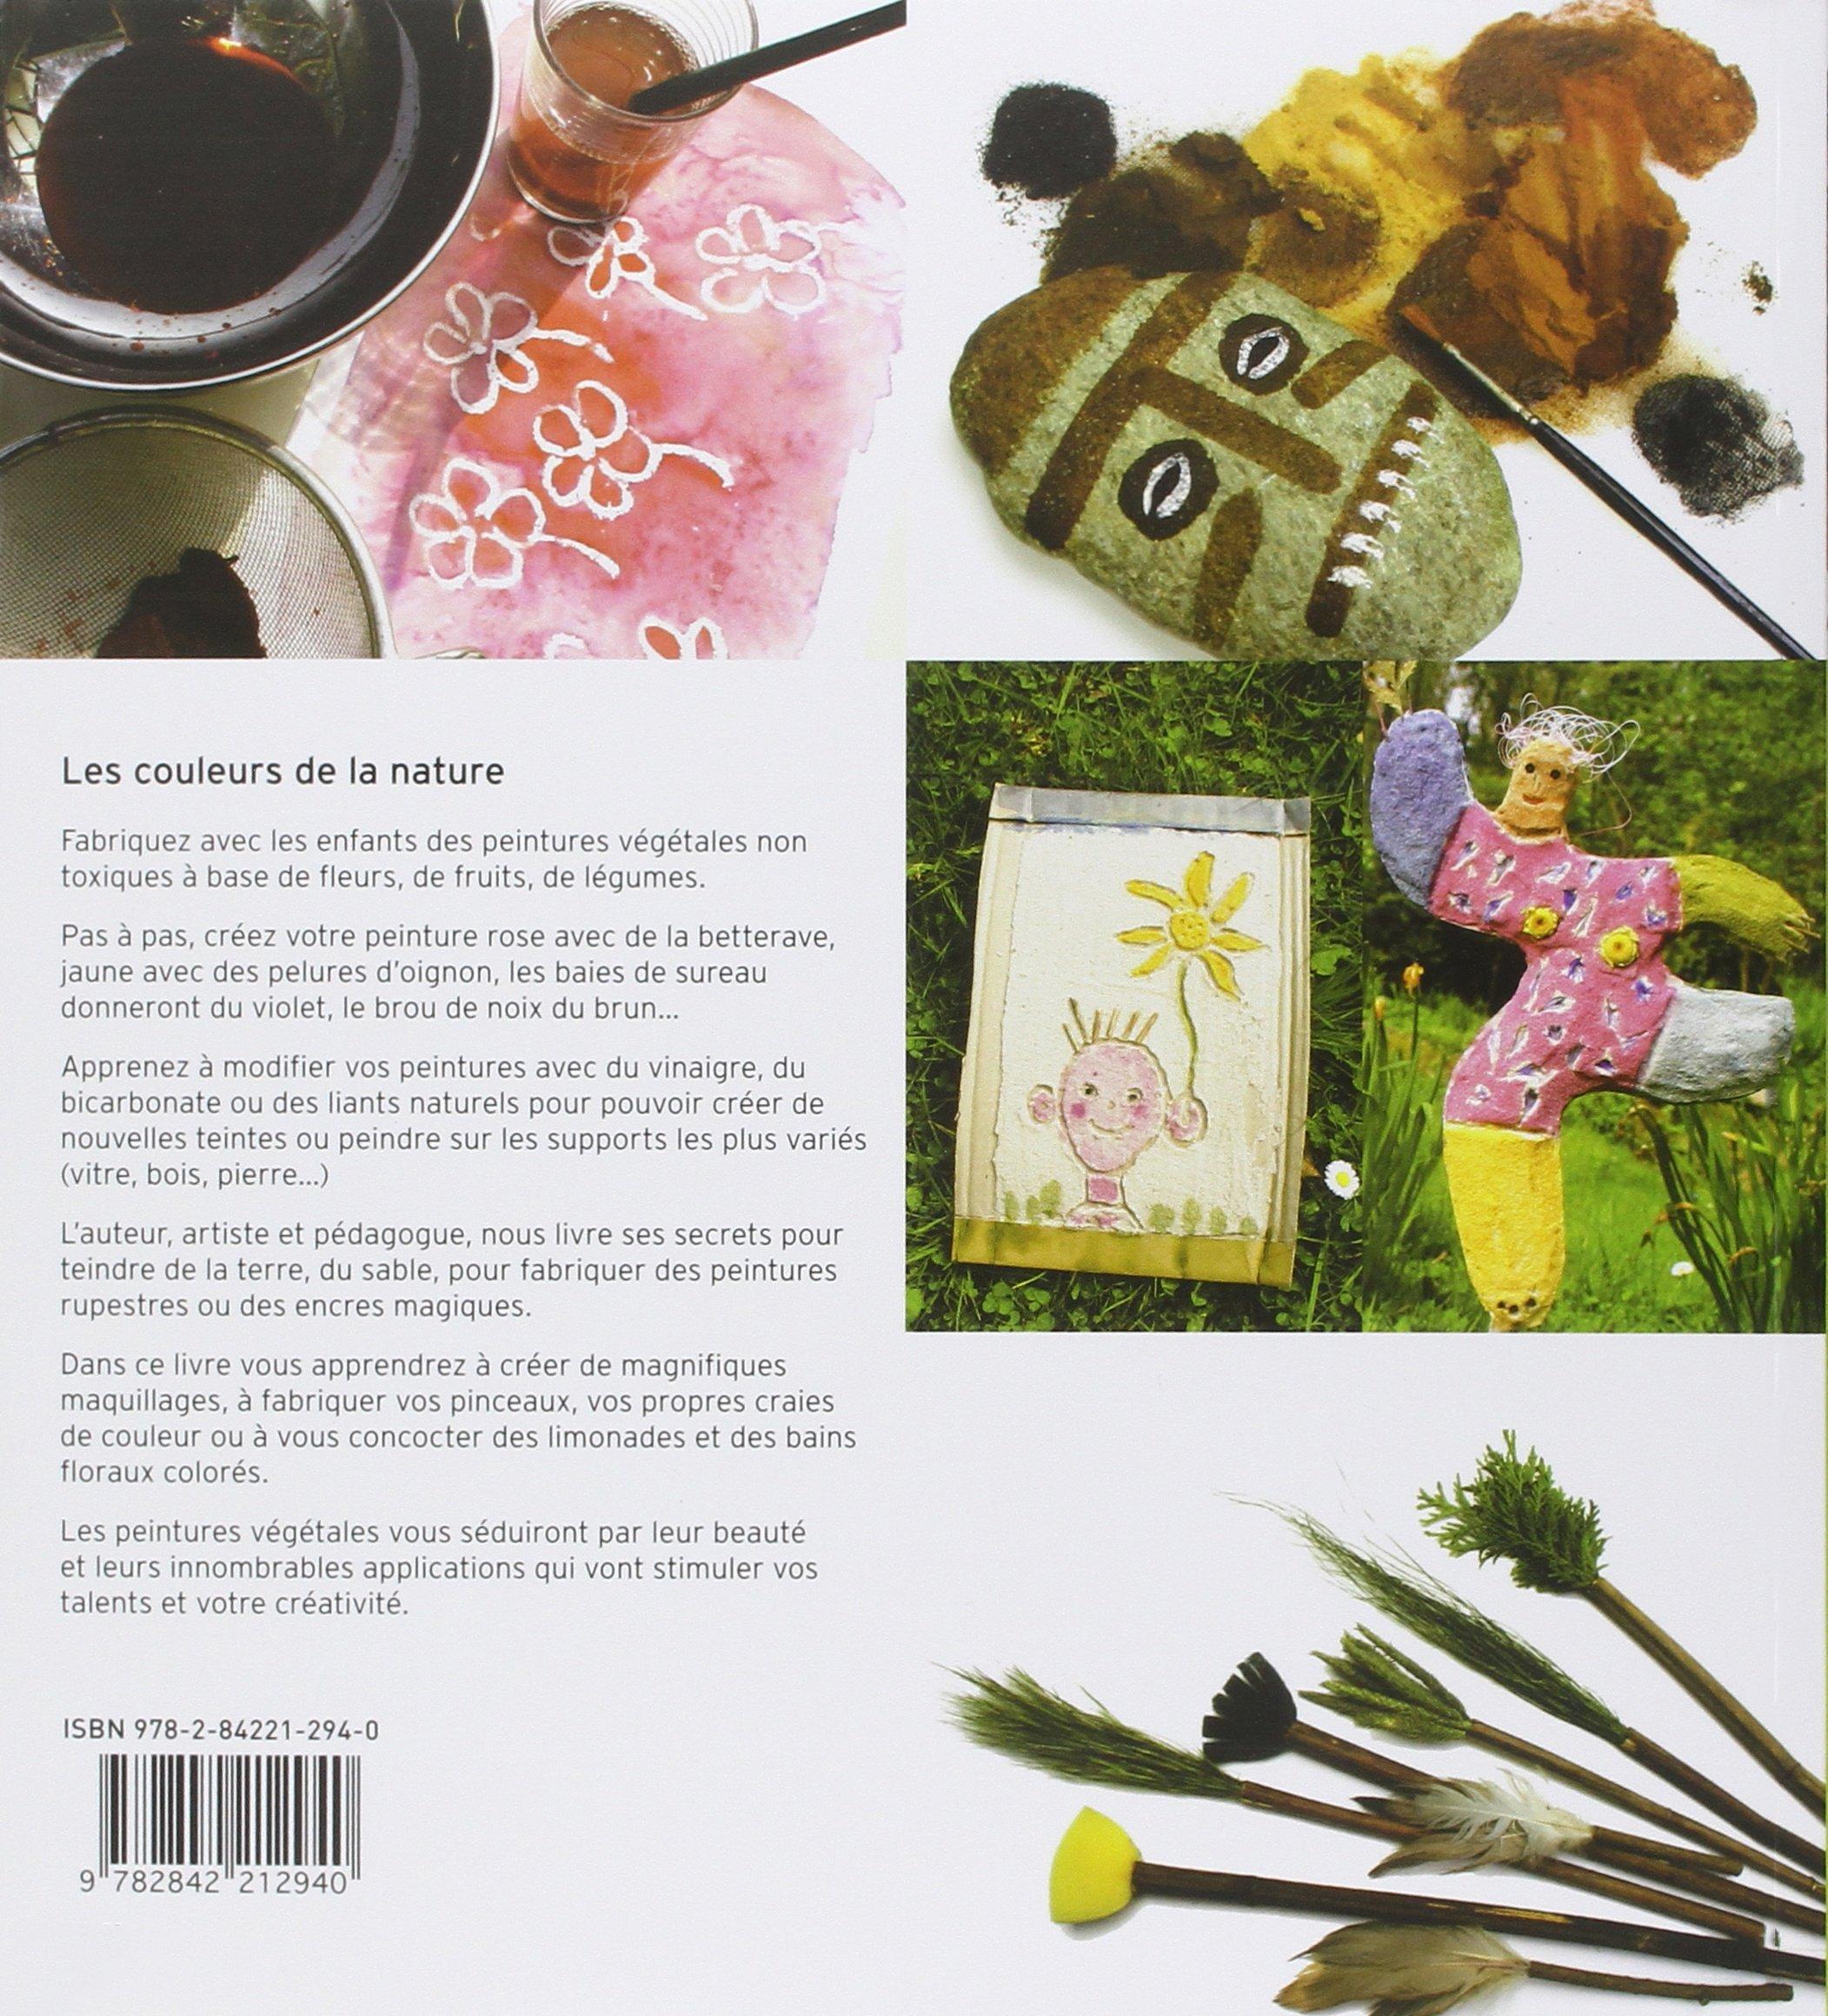 Amazon.fr   Peintures Végétales Avec Les Enfants   Helena Arendt, Stephanie  Alglave   Livres